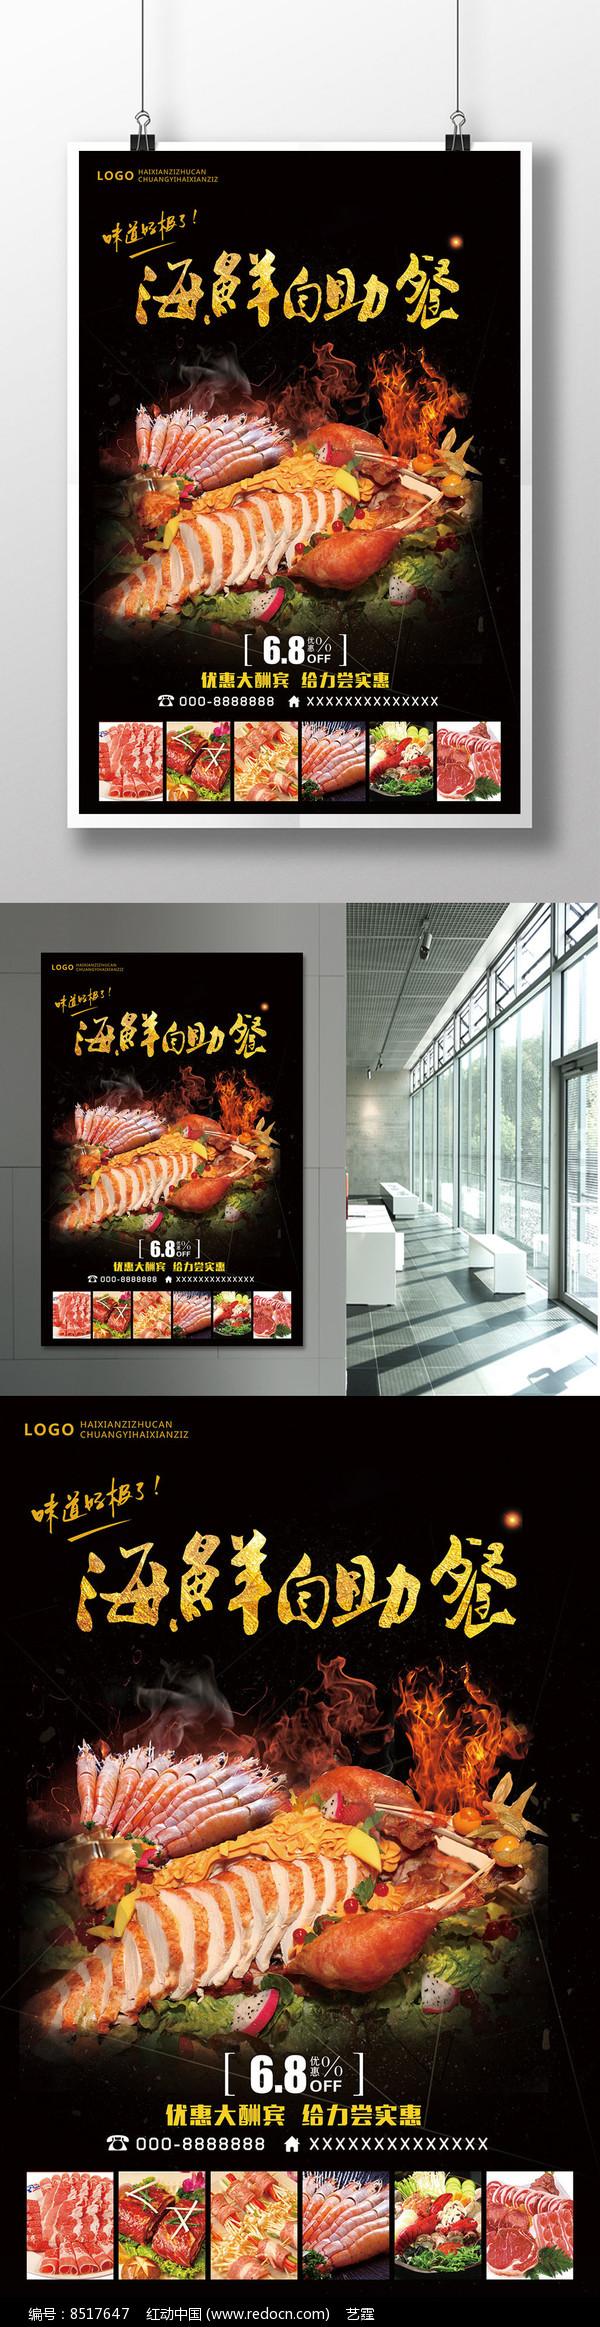 原创设计稿 海报设计/宣传单/广告牌 海报设计 海鲜自助海报  请您